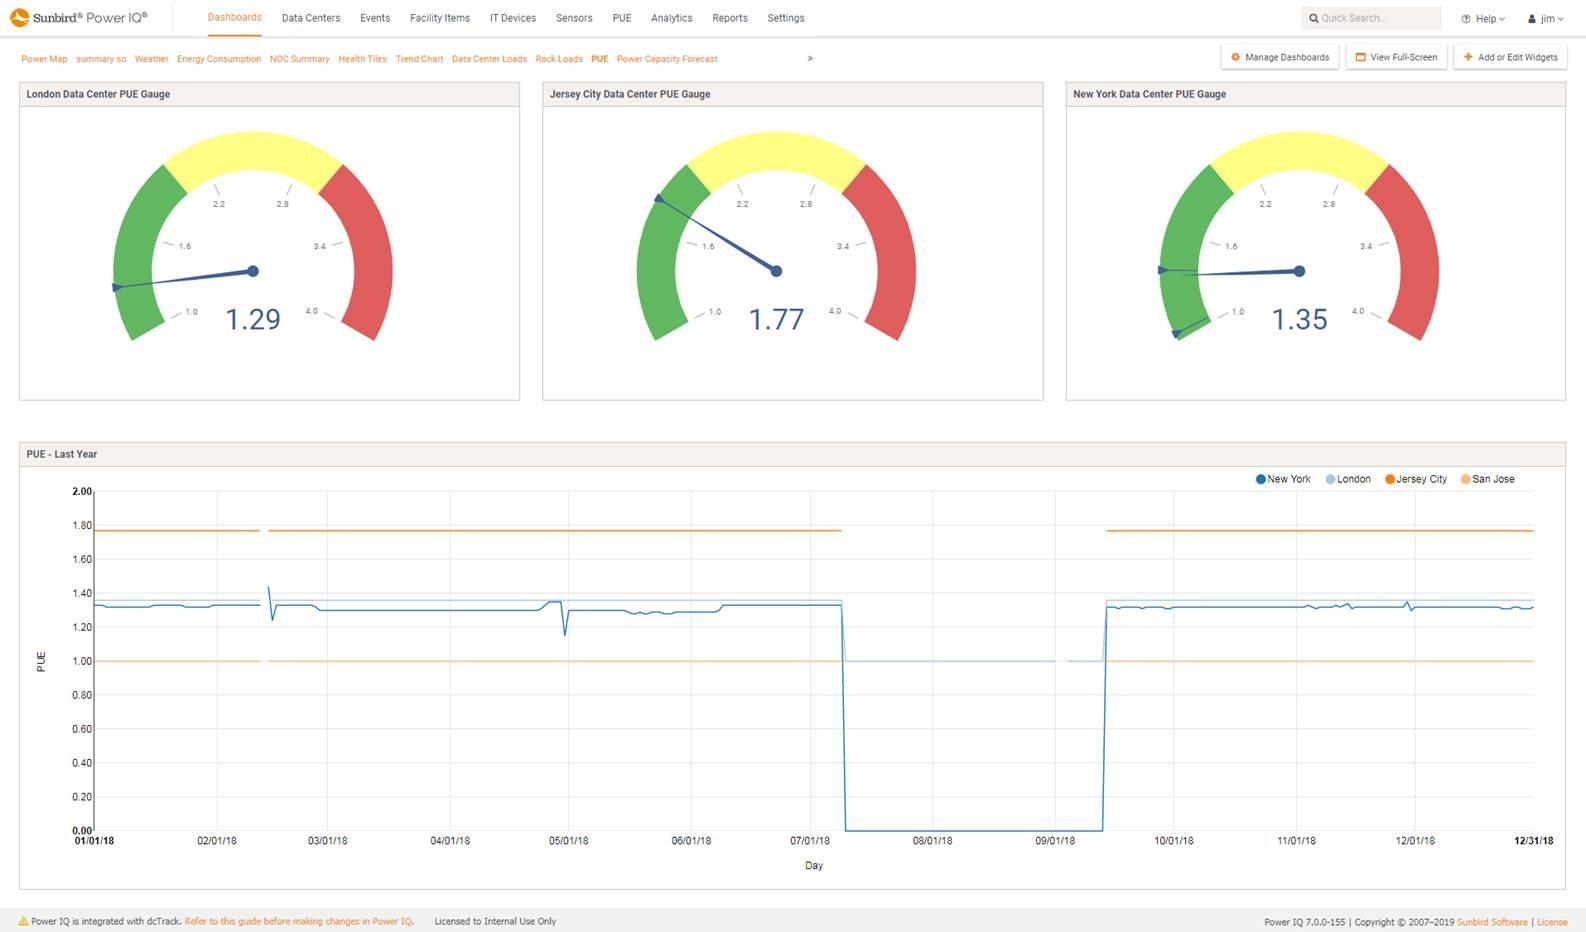 Screenshot of PUE Gauge and Trends